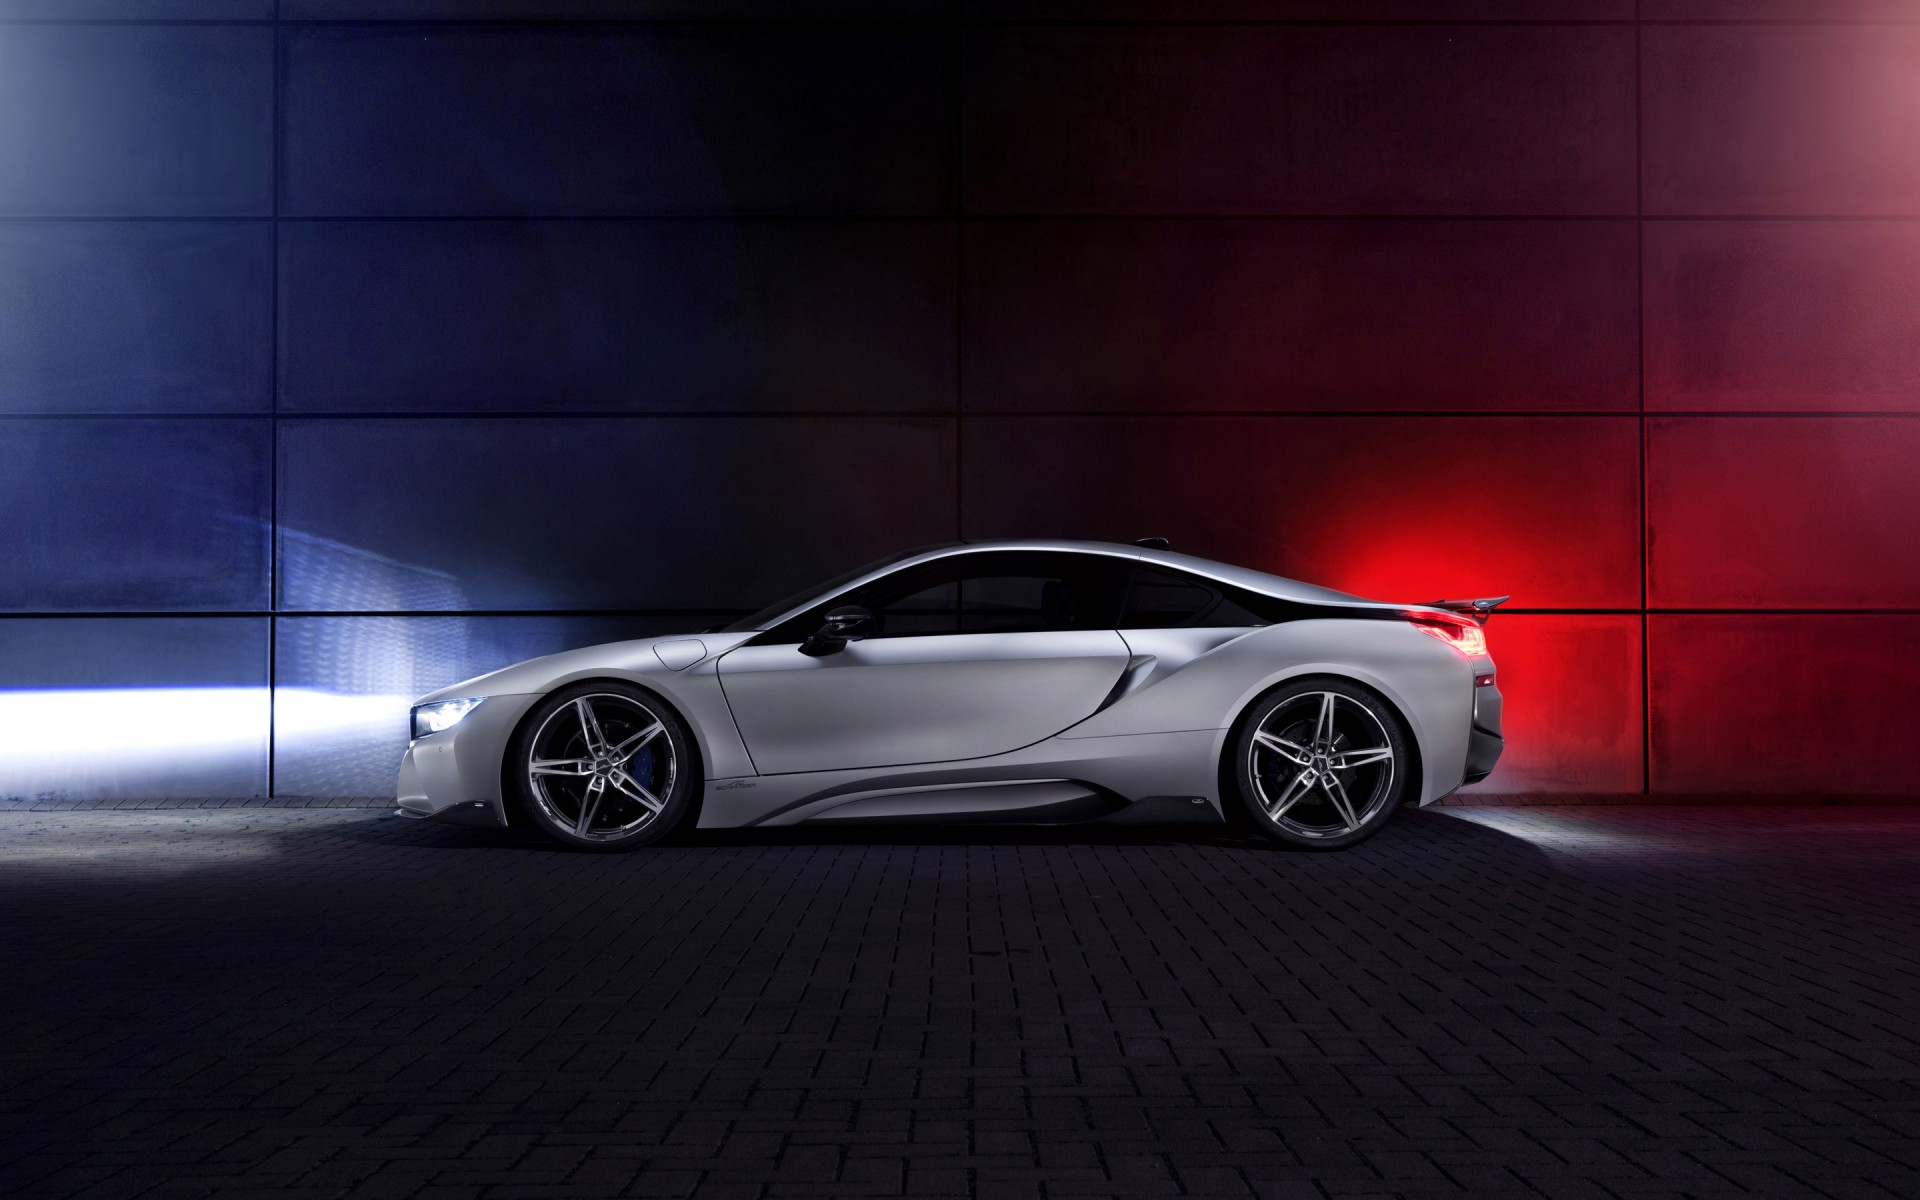 2015 AC Schnitzer BMW i8 3 Wallpaper   HD Car Wallpapers ...